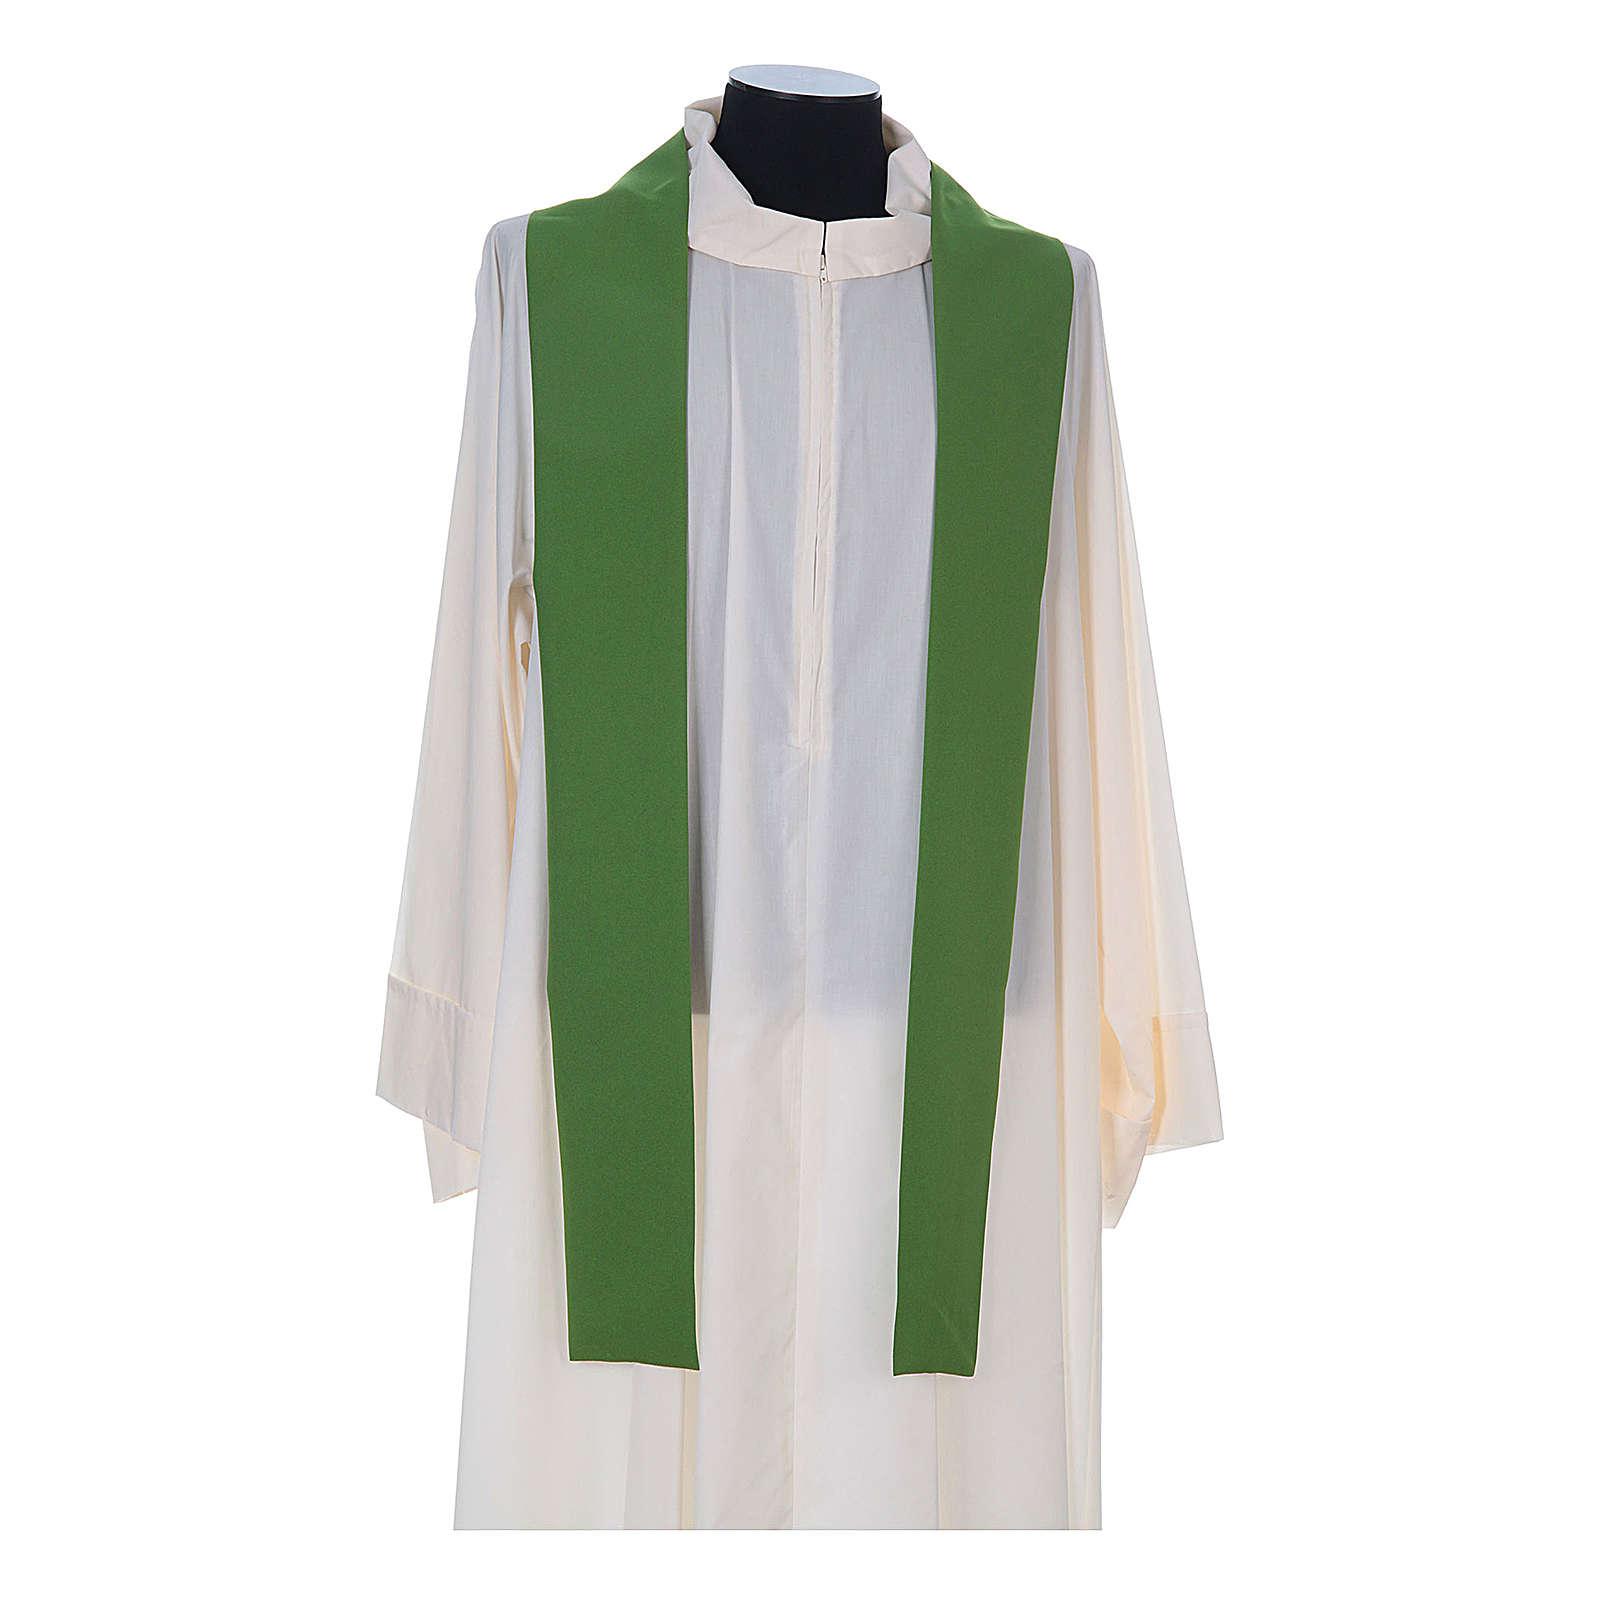 Casula litúrgica 100% poliéster com trigo cruz e uva 4